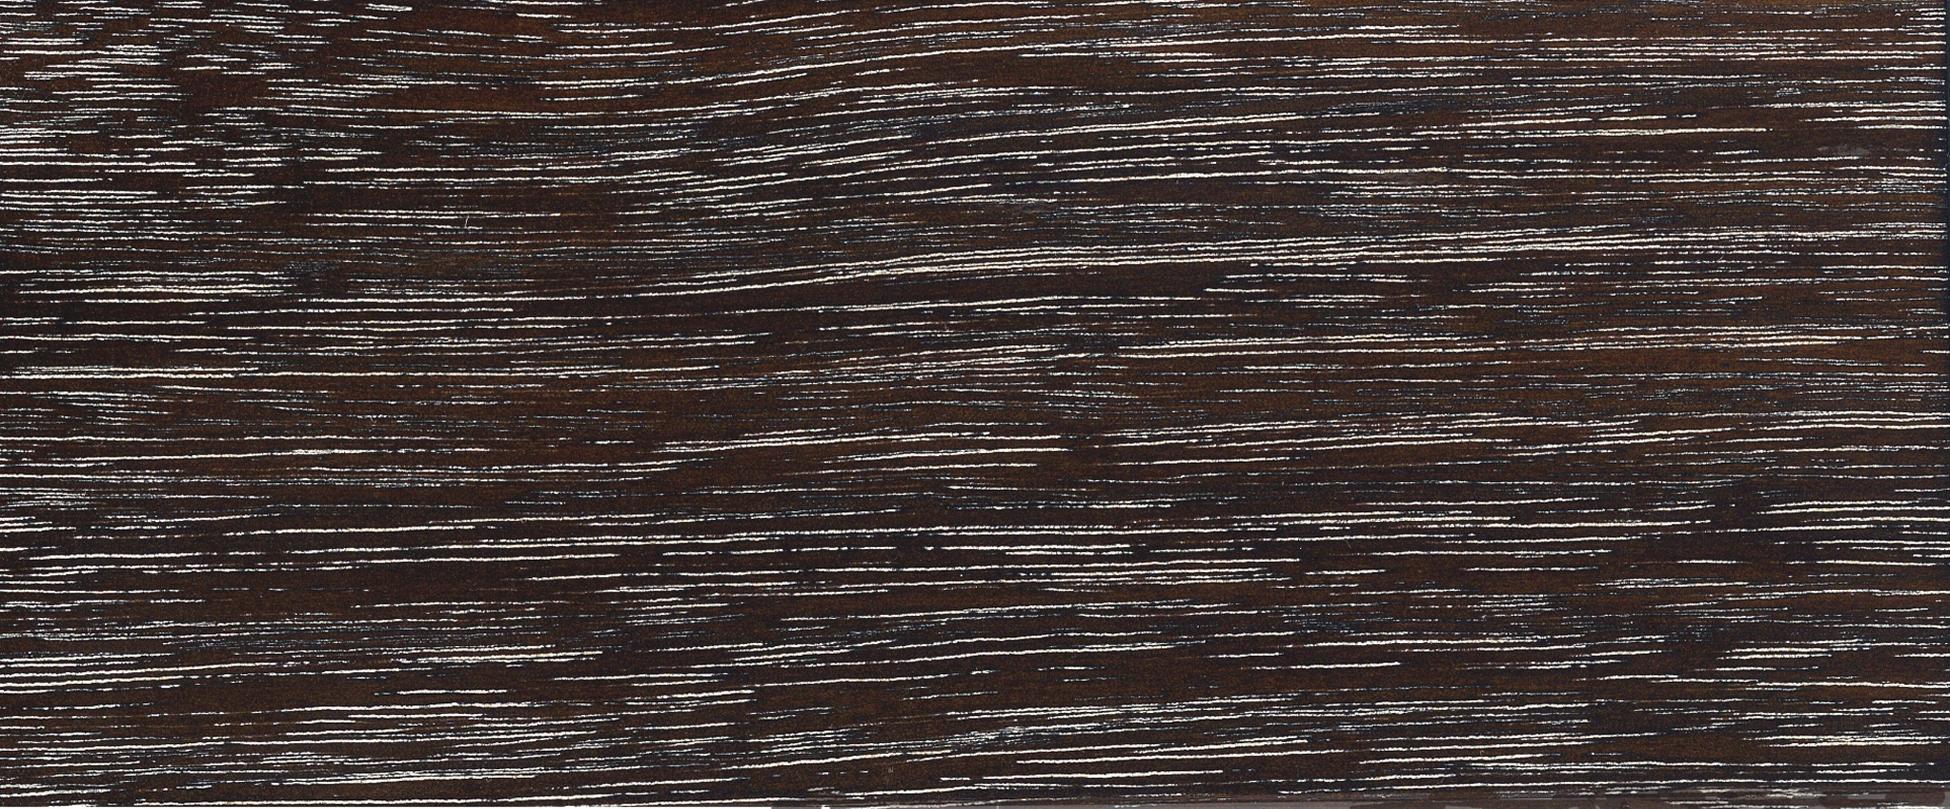 walnut - marrakesh stain - limed